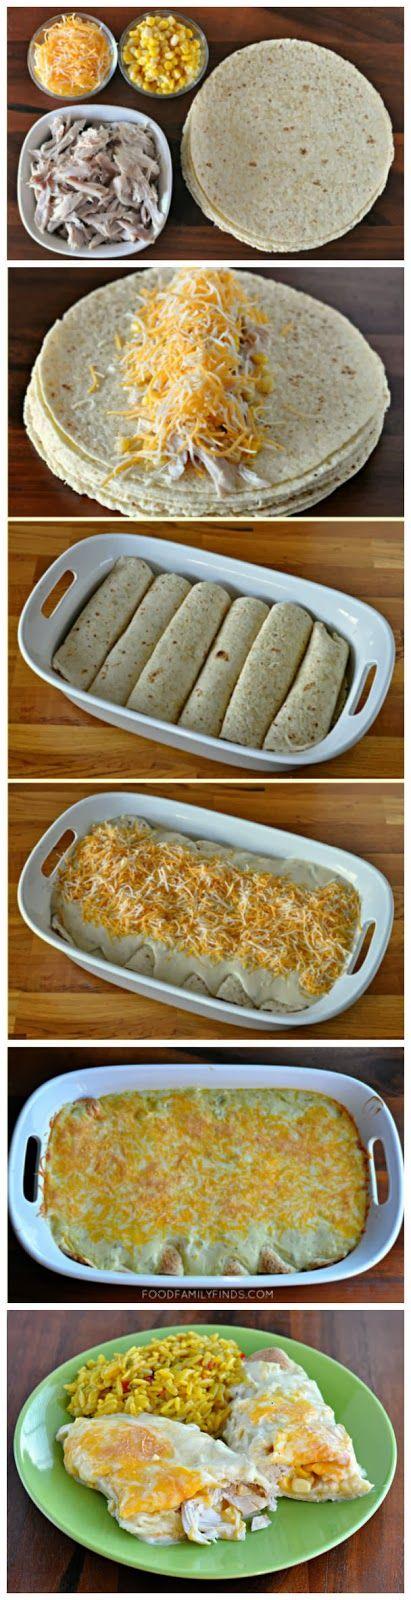 pão sírio ou rapidez,o frango já tem no mercado pacote cozido e desfiado        Red Star Recipe: Easy and Creamy White Chicken Enchiladas